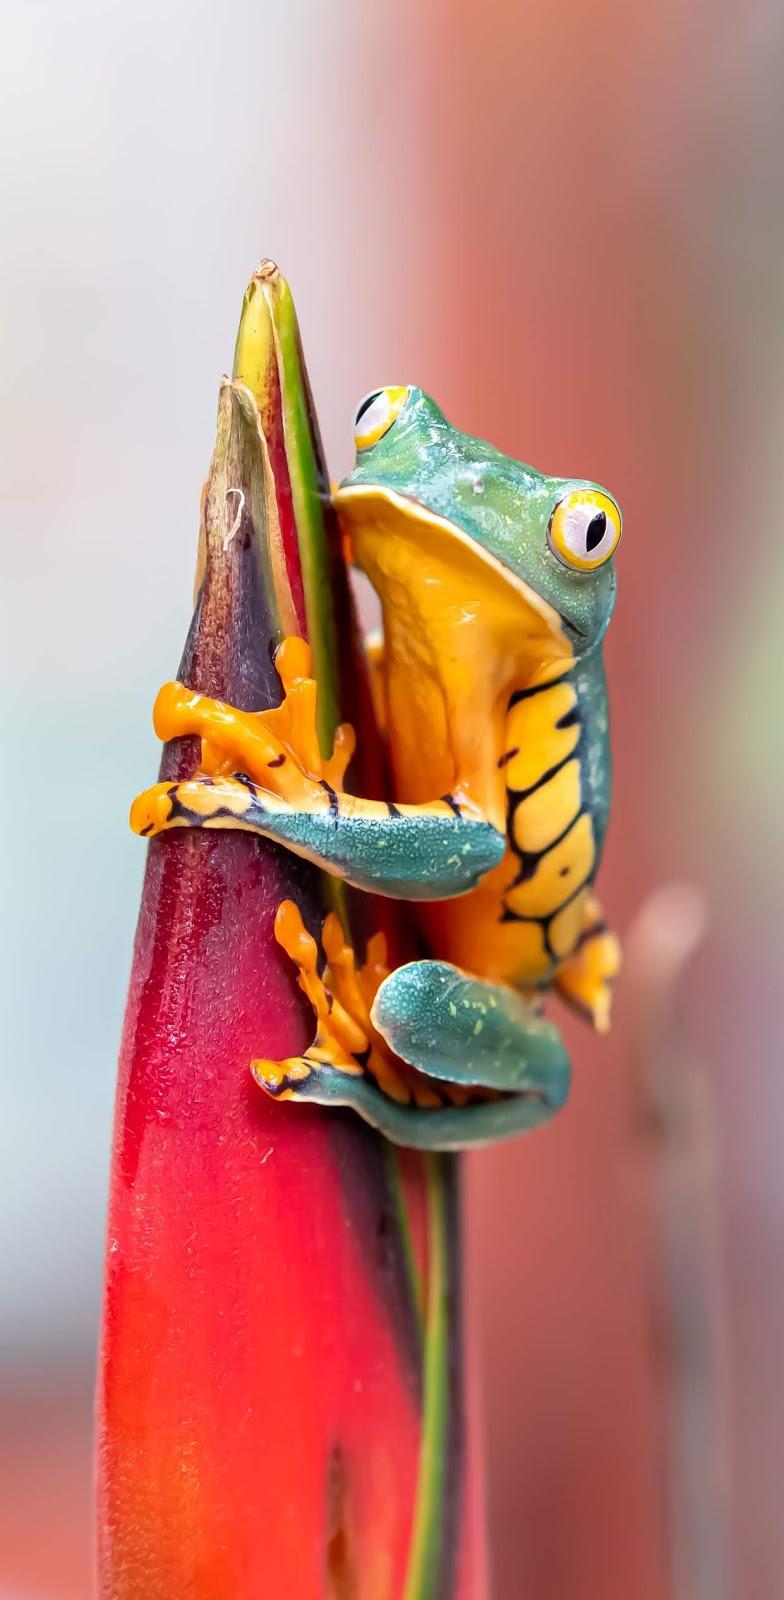 Cute frog.